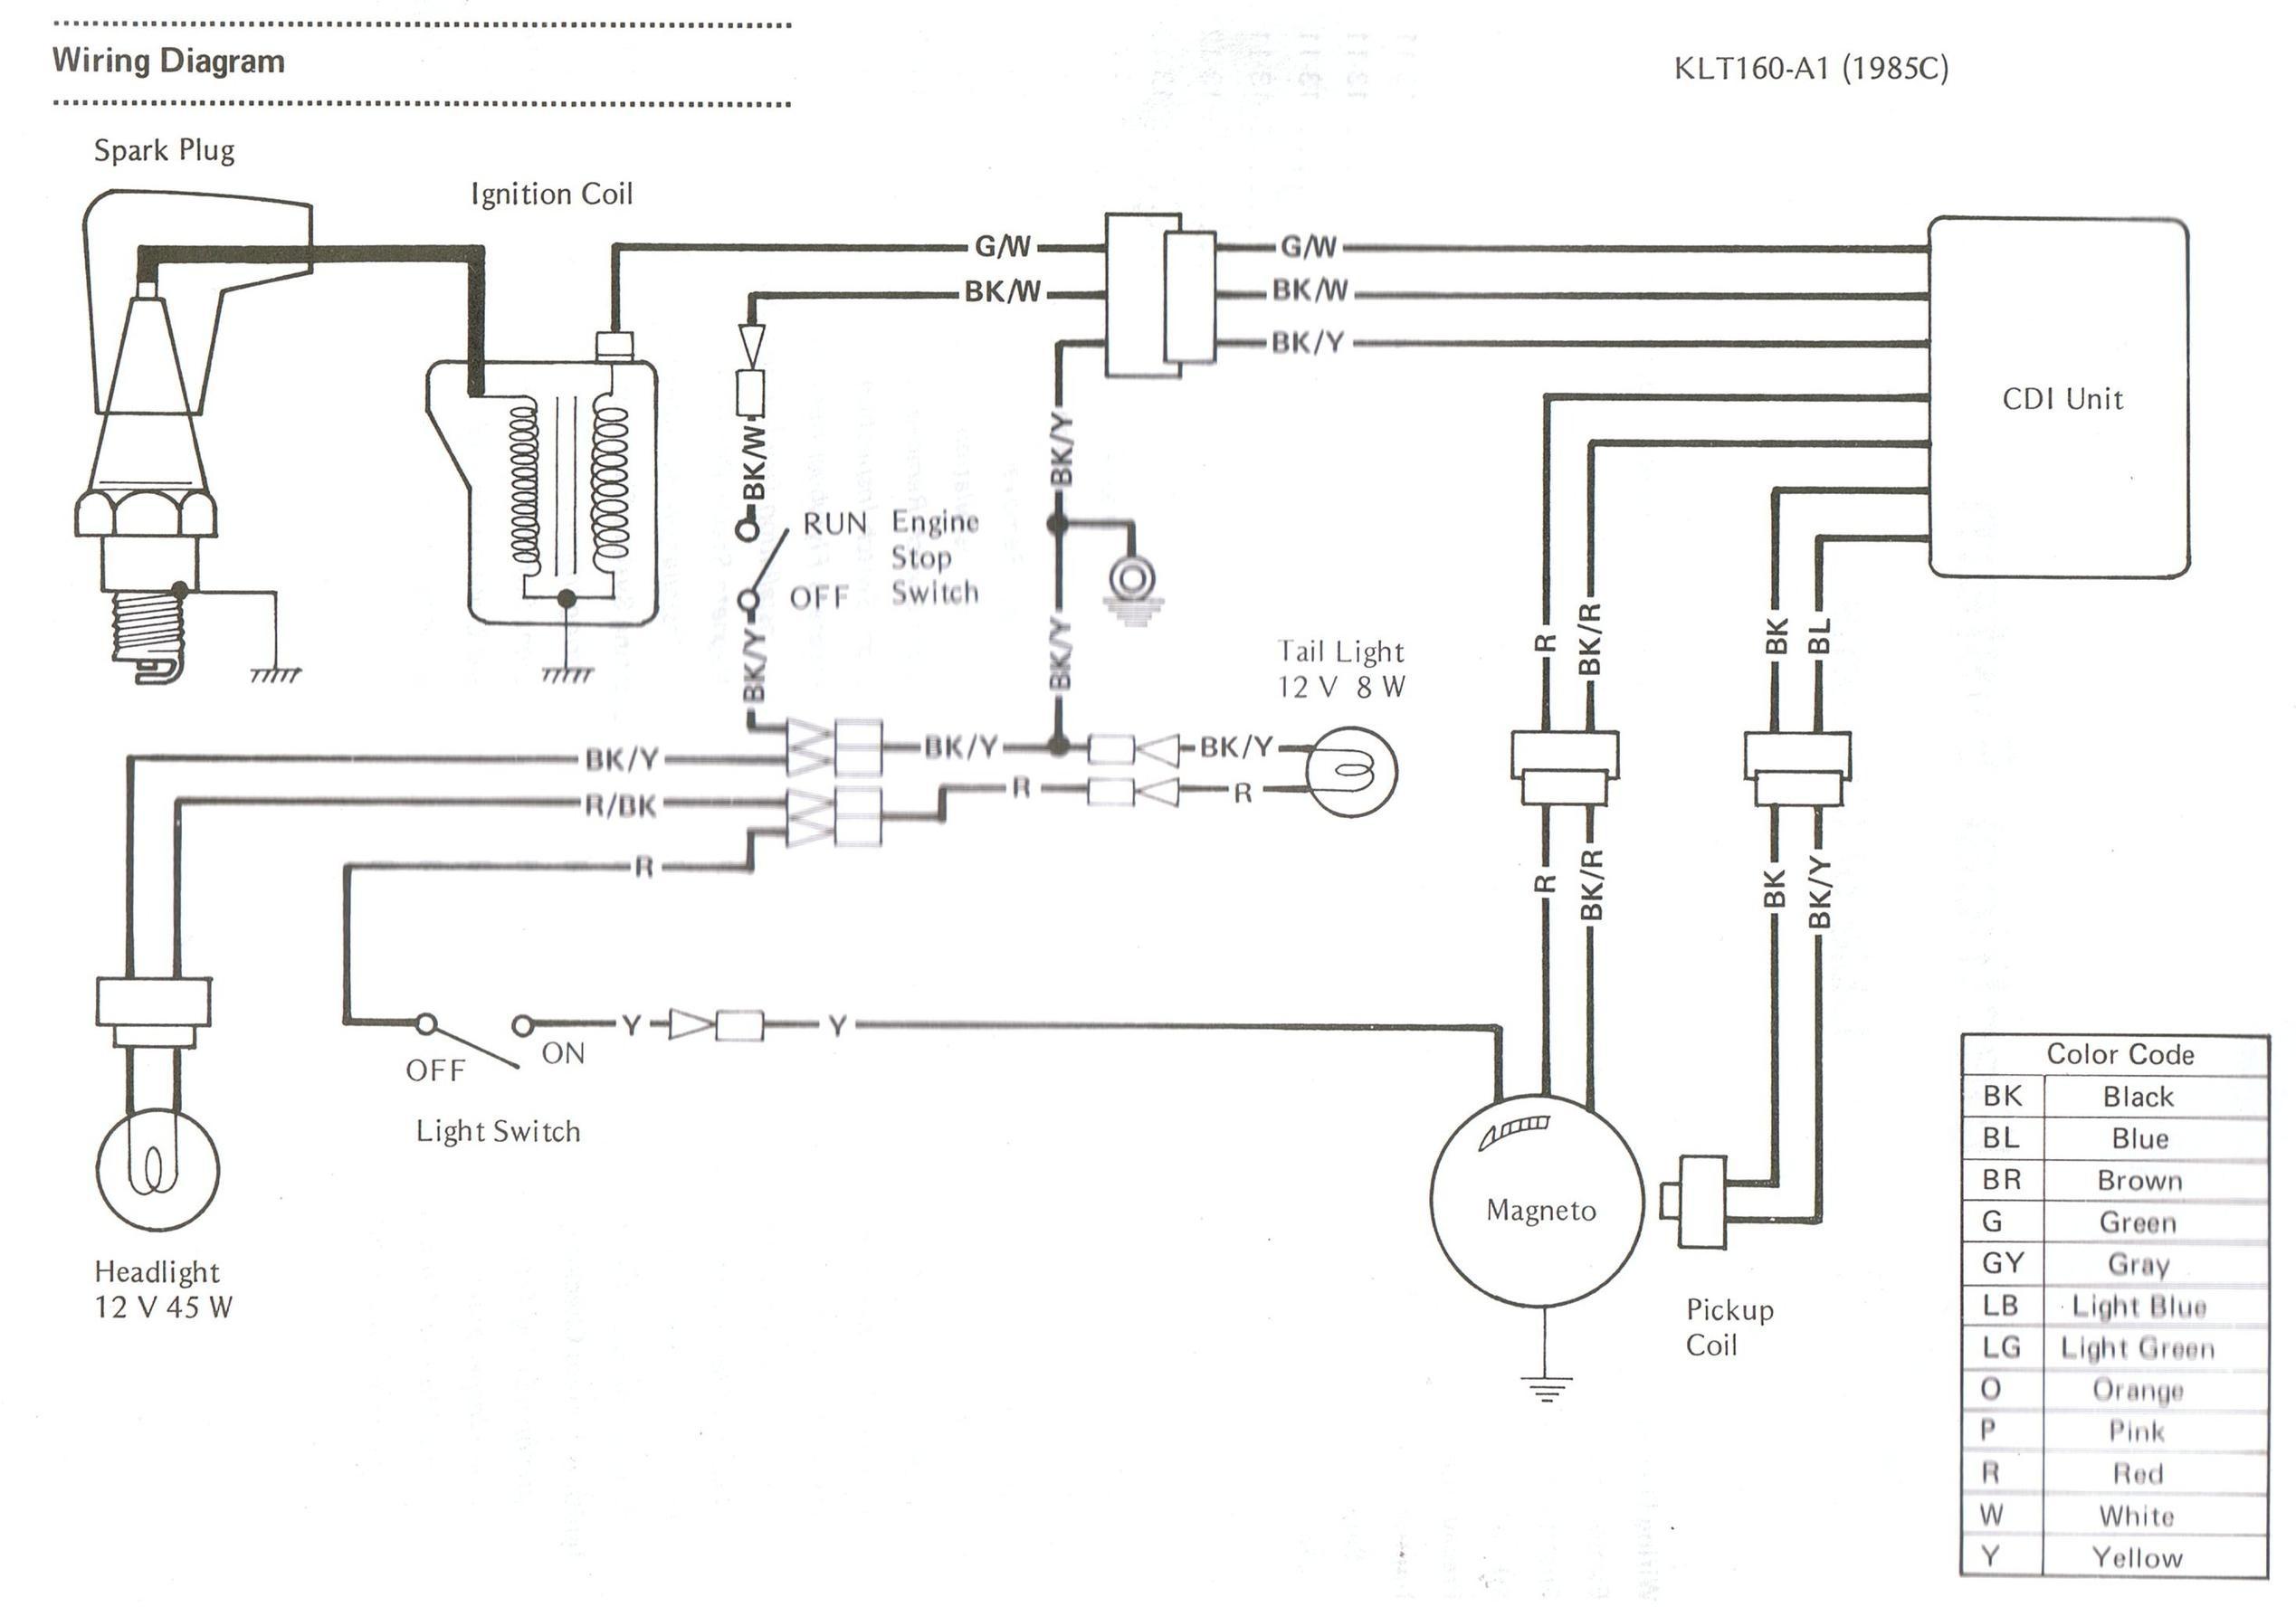 Indy 500 Polaris Wiring Diagram On Polaris 500 Indy Wiring Diagram